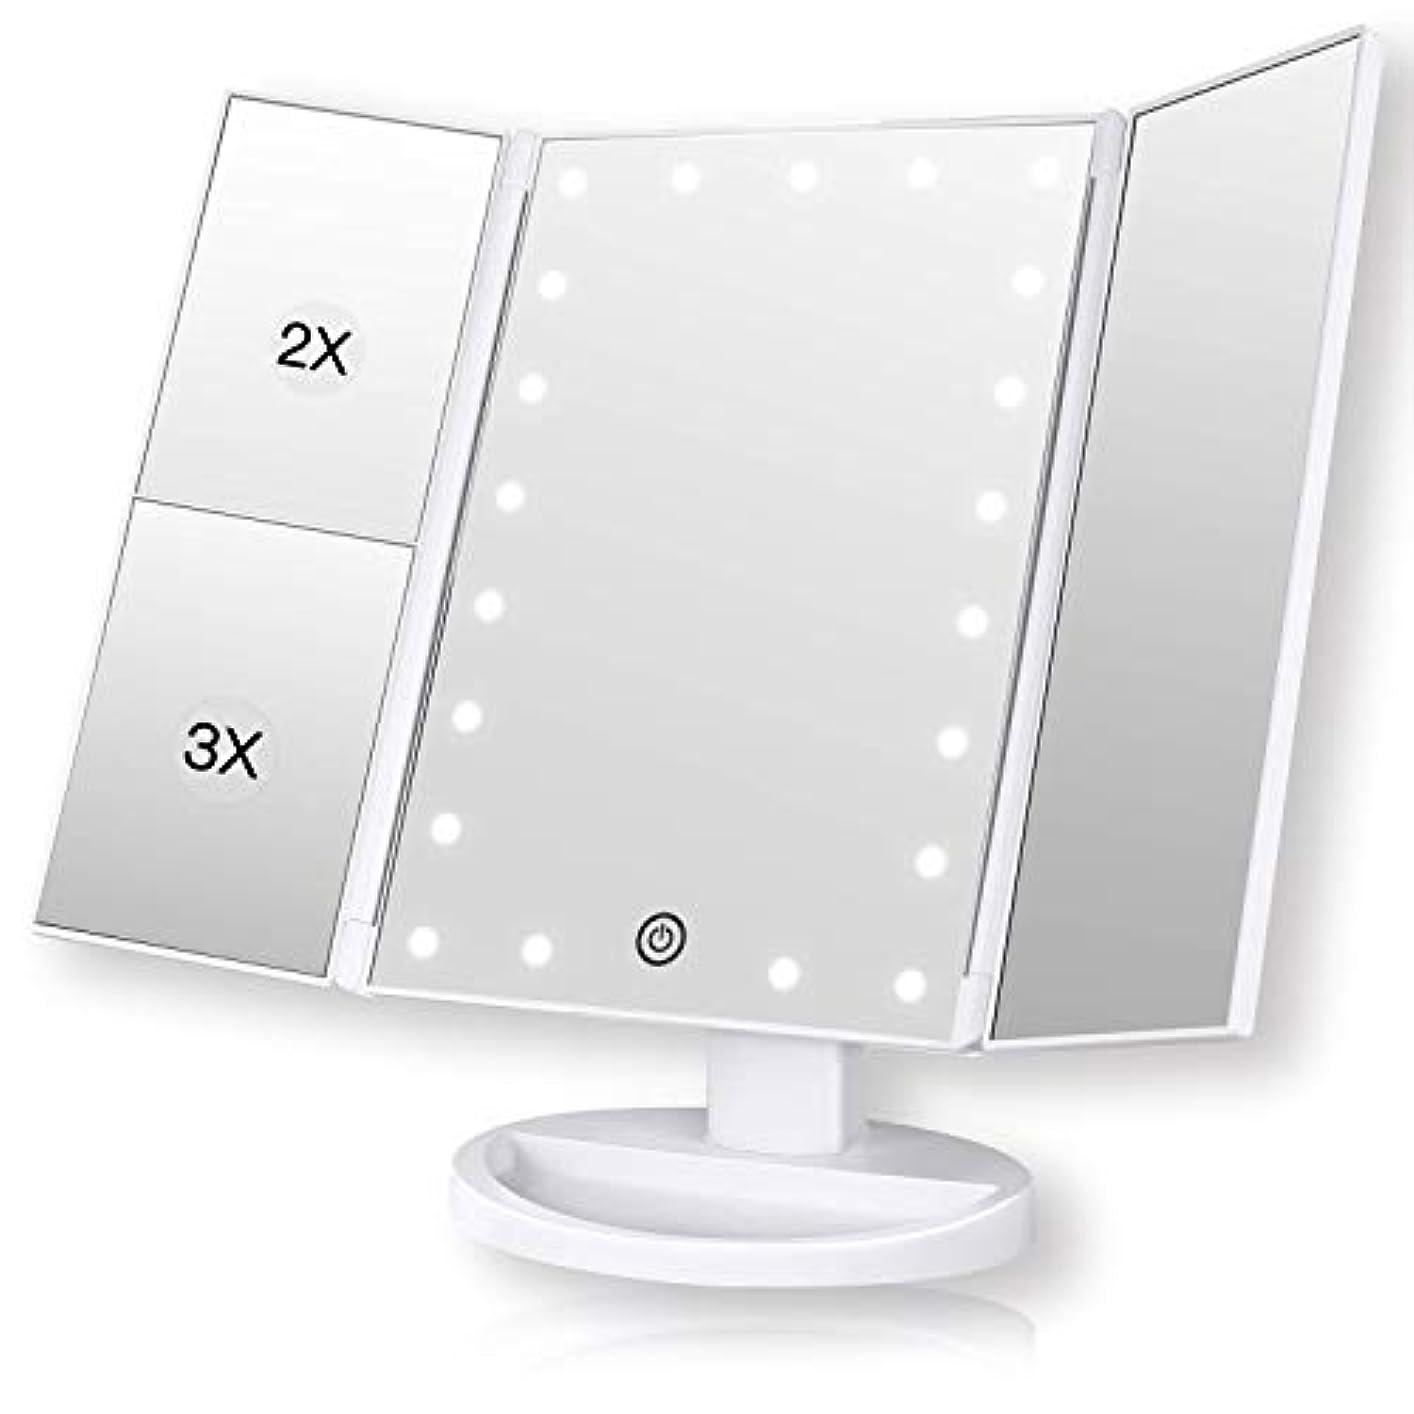 コントラスト自分の力ですべてをするストレージROZZERMAN 化粧鏡 卓上ミラー 三面鏡 ledライト 女優ミラー 折りたたみ 持ち運び 拡大鏡 2倍 3倍 角度調整